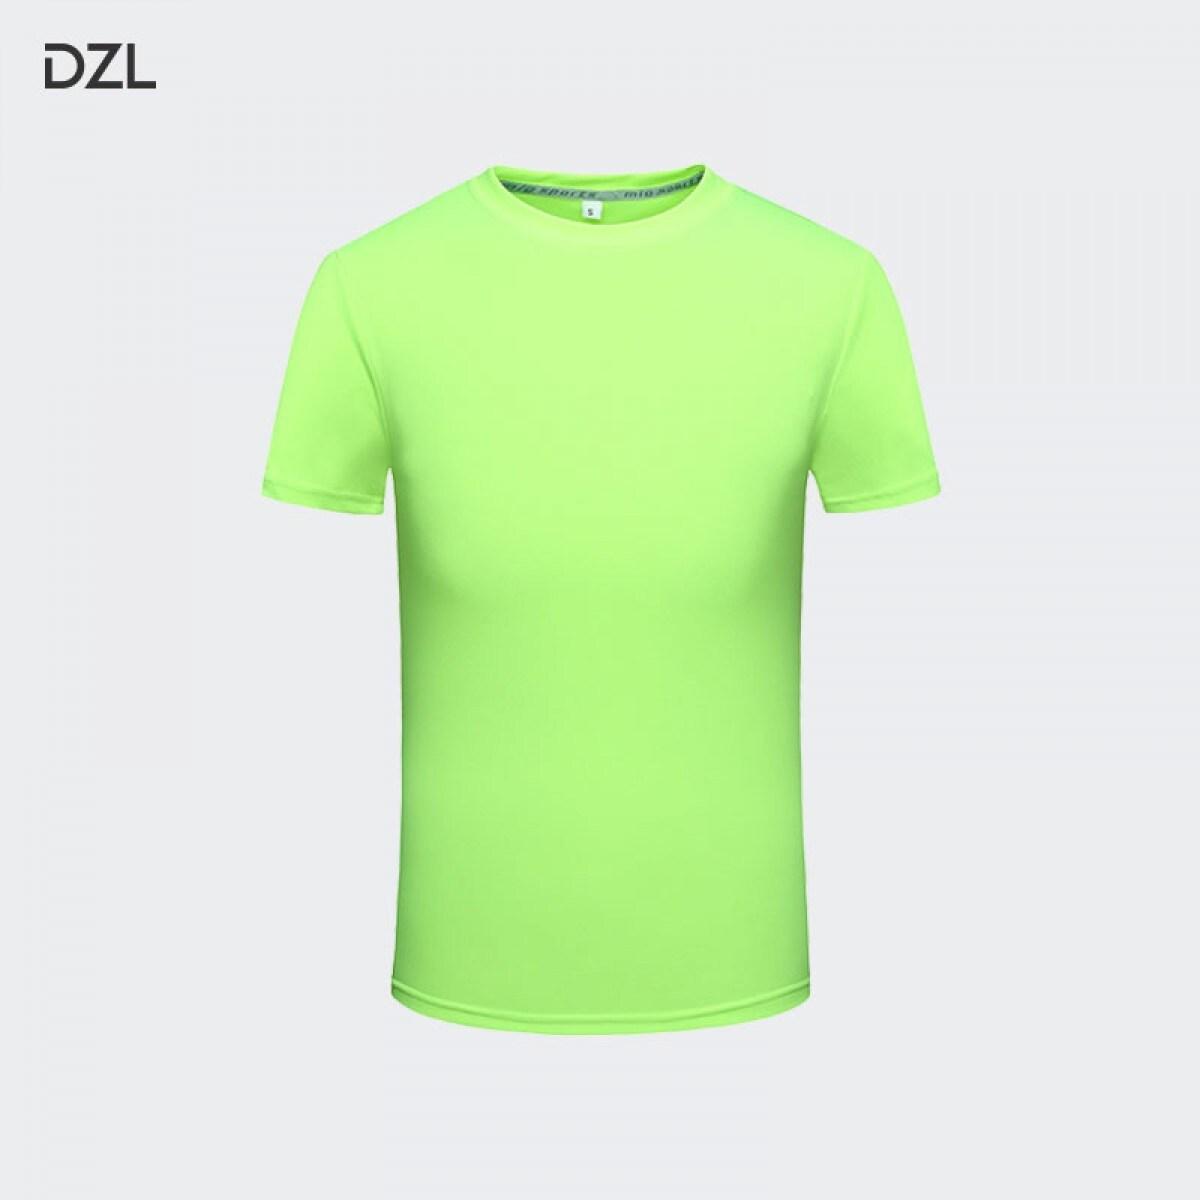 速干t恤定制短袖圆领速干衣学生毕业班服定做工作服文化衫(不含印图)